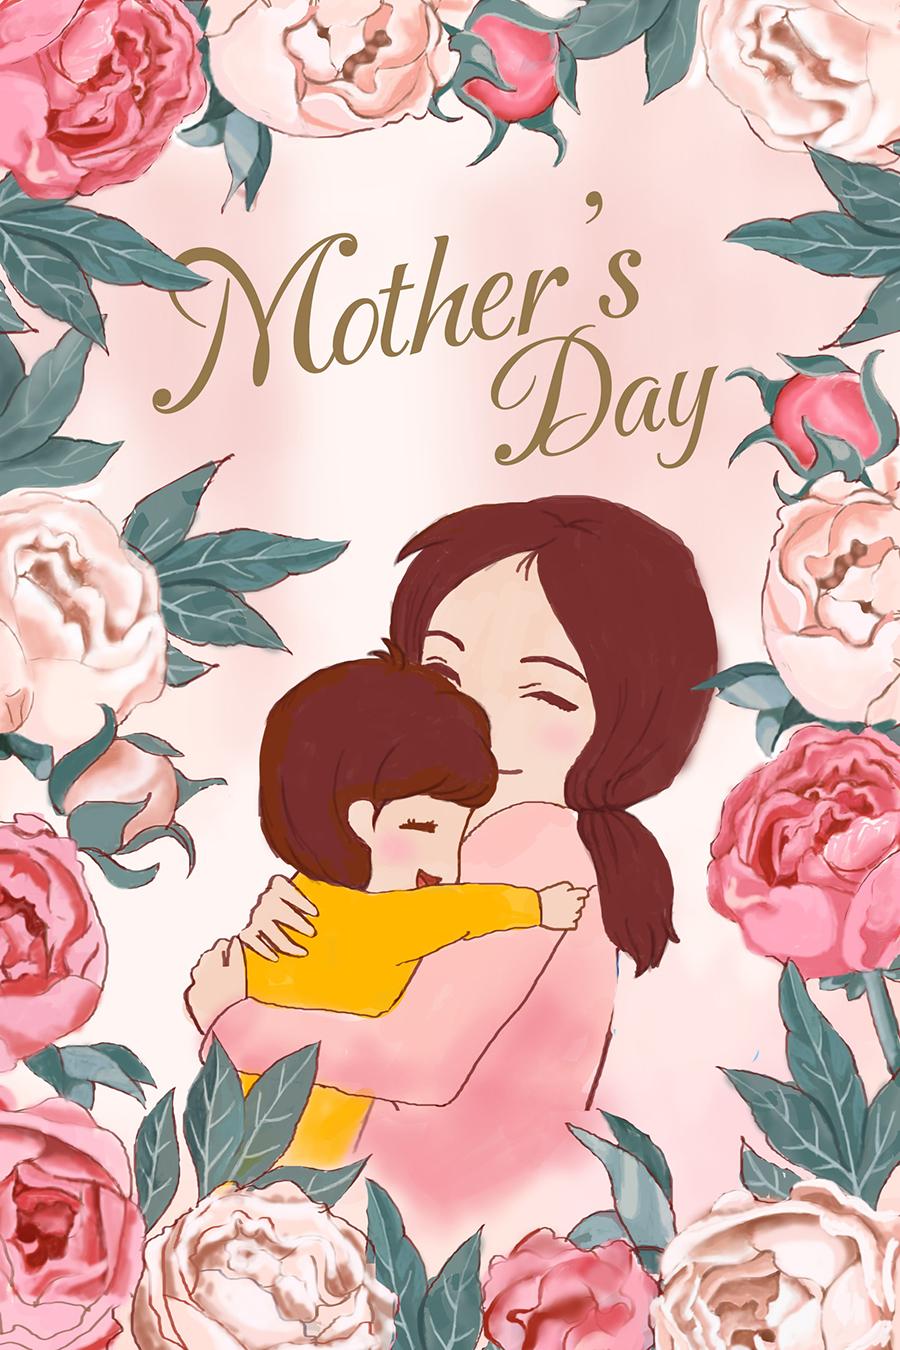 清新卡通手绘母亲节插画素材 插画-第2张